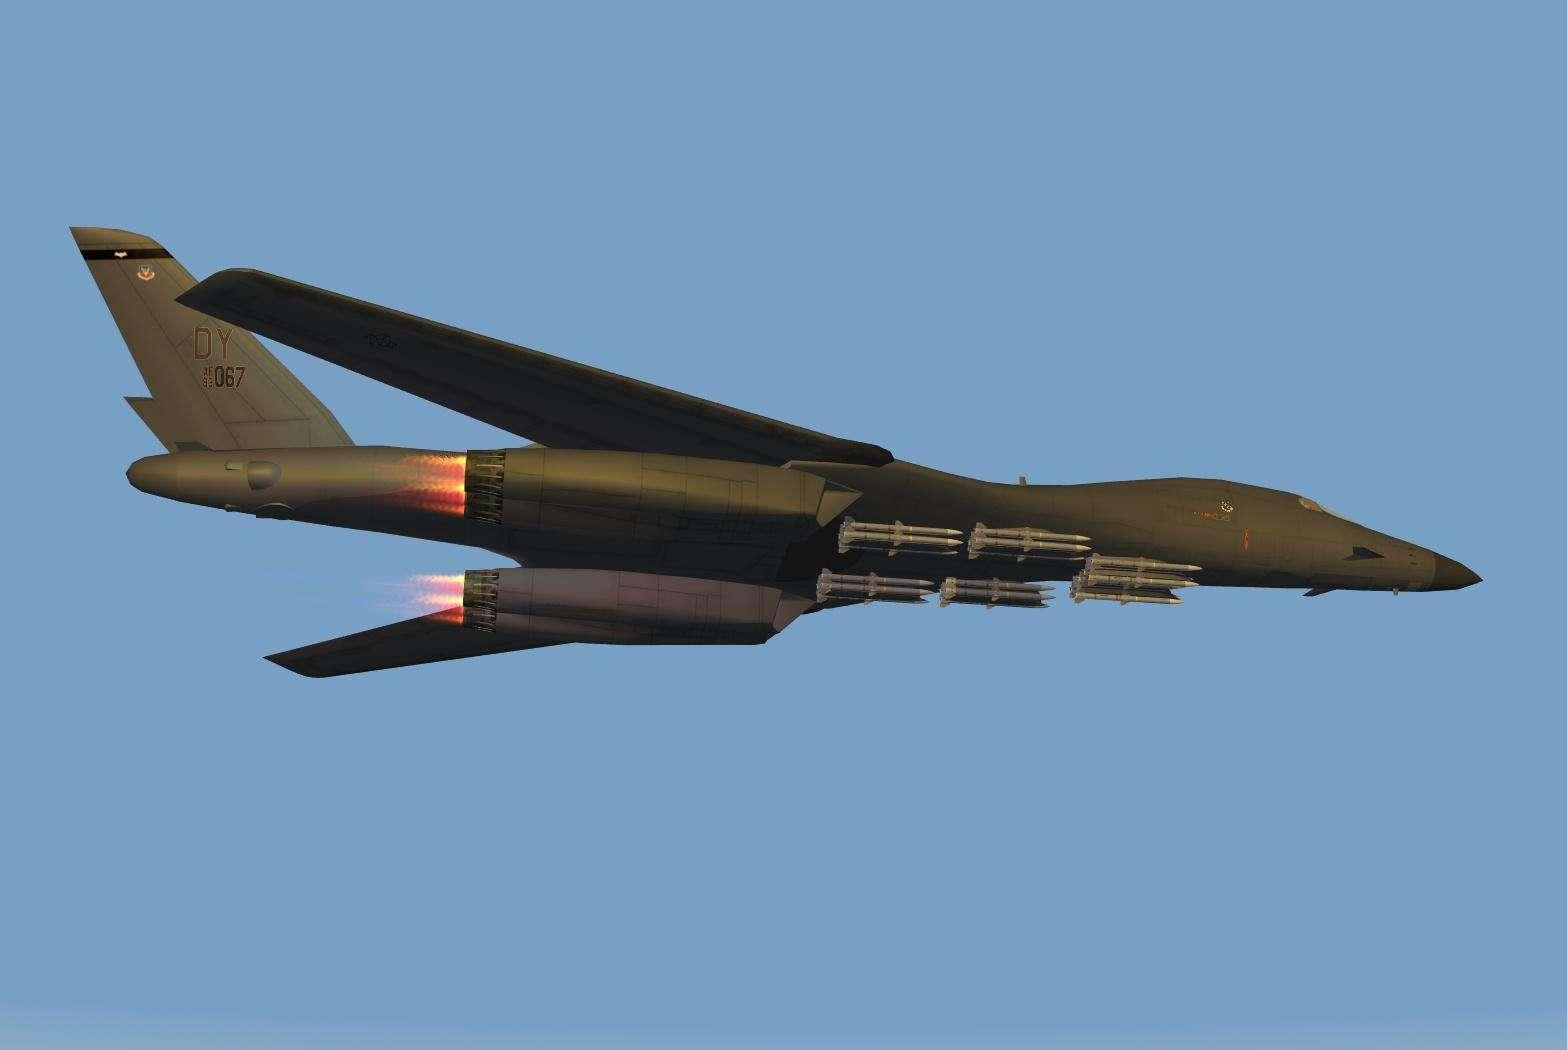 弹射逃生失败,飞行员拒绝驾驶,美军现役66架轰炸机全部停飞